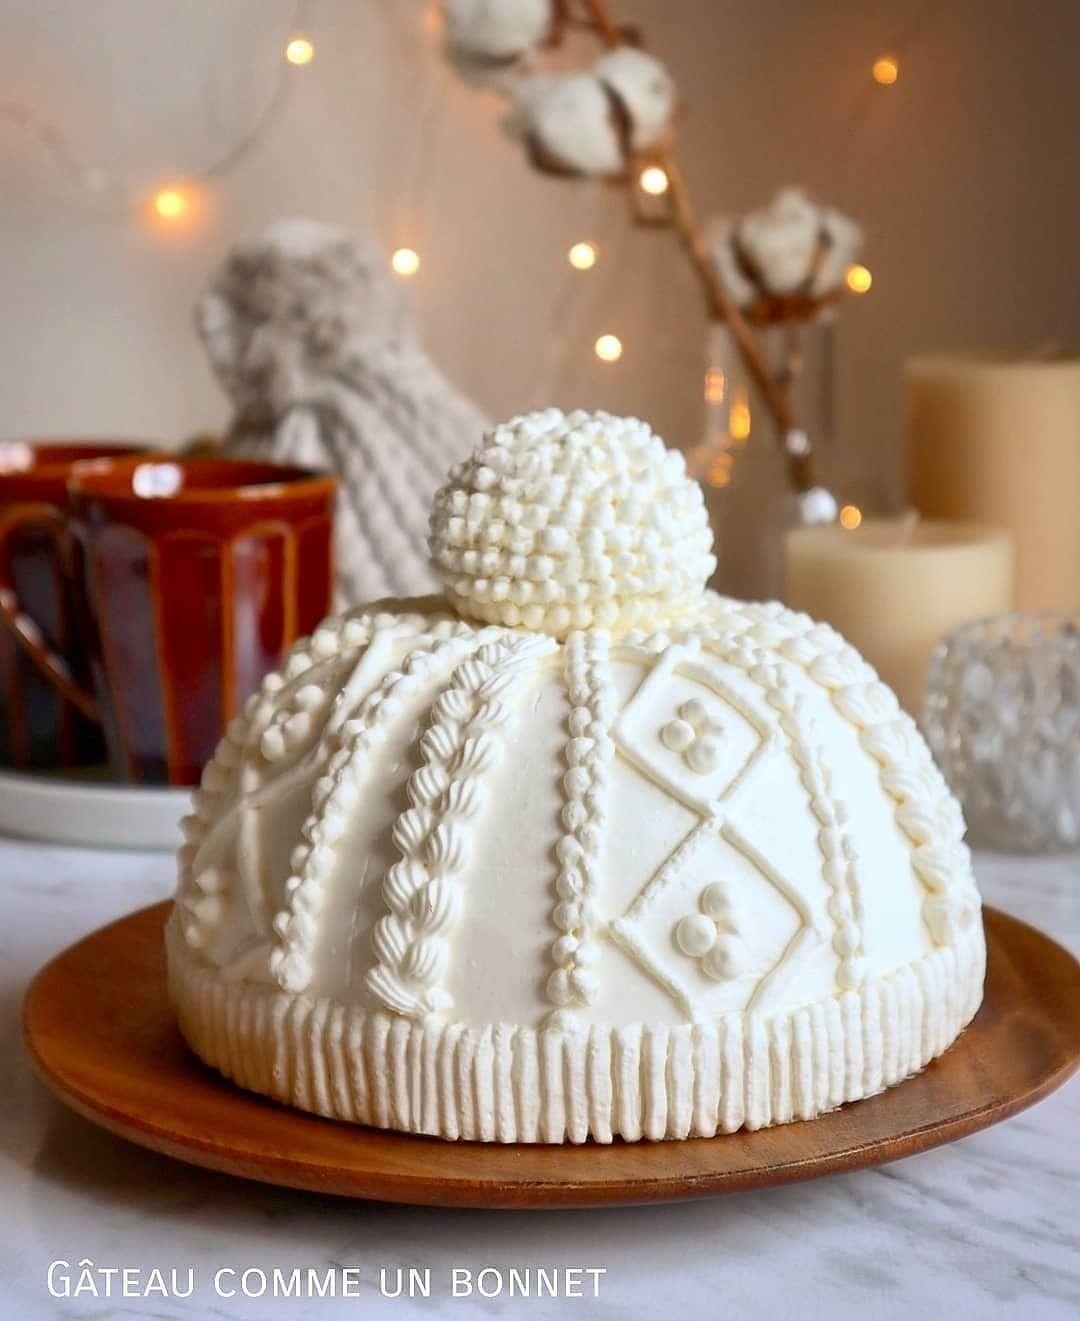 """Photo of Geheimnisse für einen perfekten Kuchen 🍰 auf Instagram: """"Streichen Sie nach links, um zu sehen, was drin ist! Ð …"""